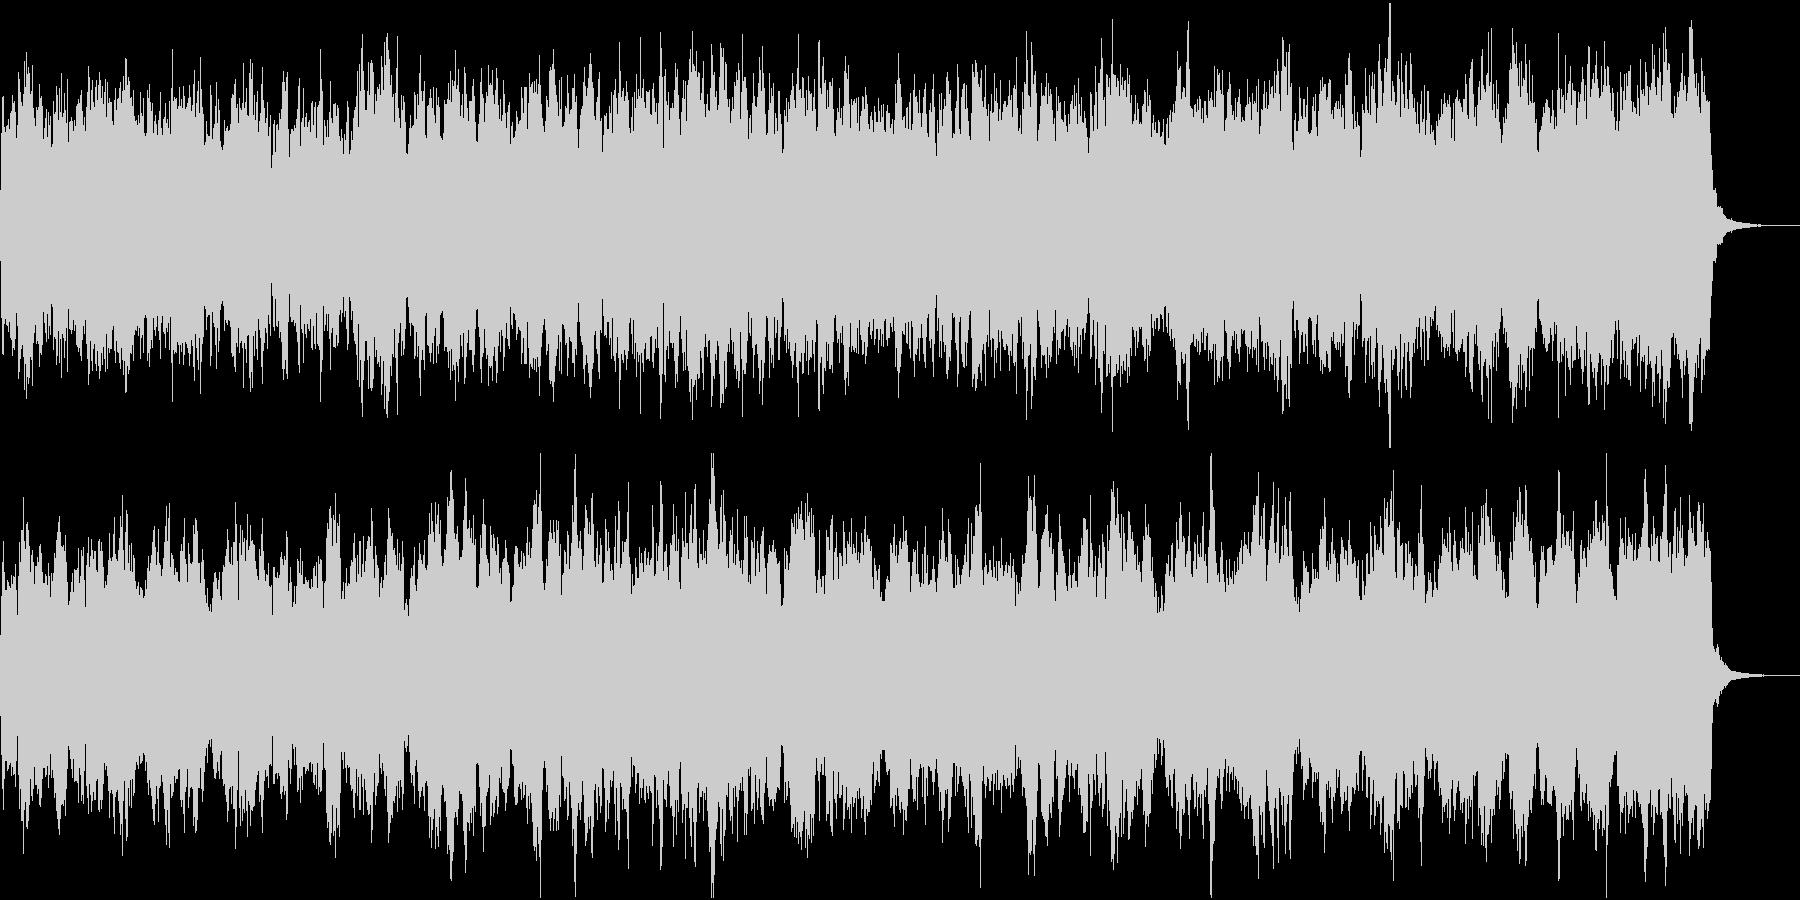 美しい転調が多い弦楽器のクラシカルな曲の未再生の波形